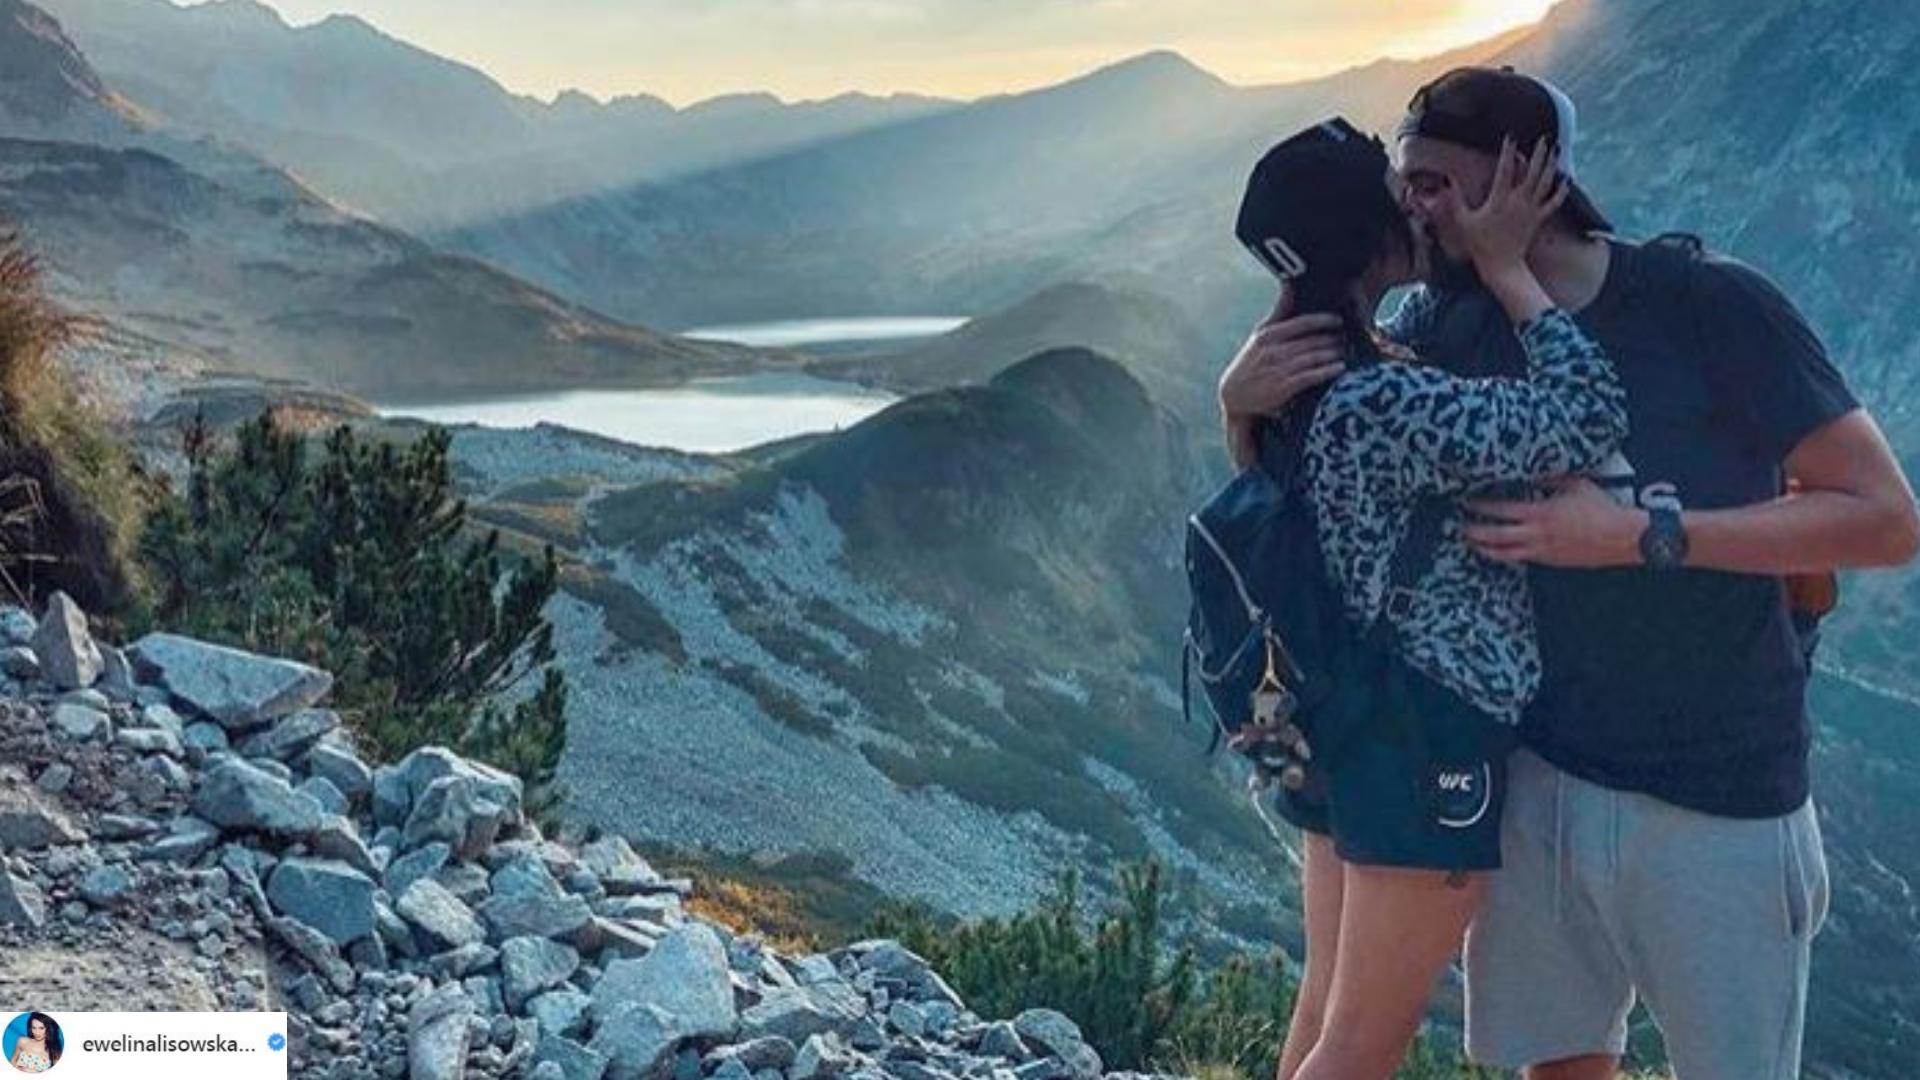 Ewelina Lisowska podróżuje z nowym chłopakiem. Jak romantycznie!